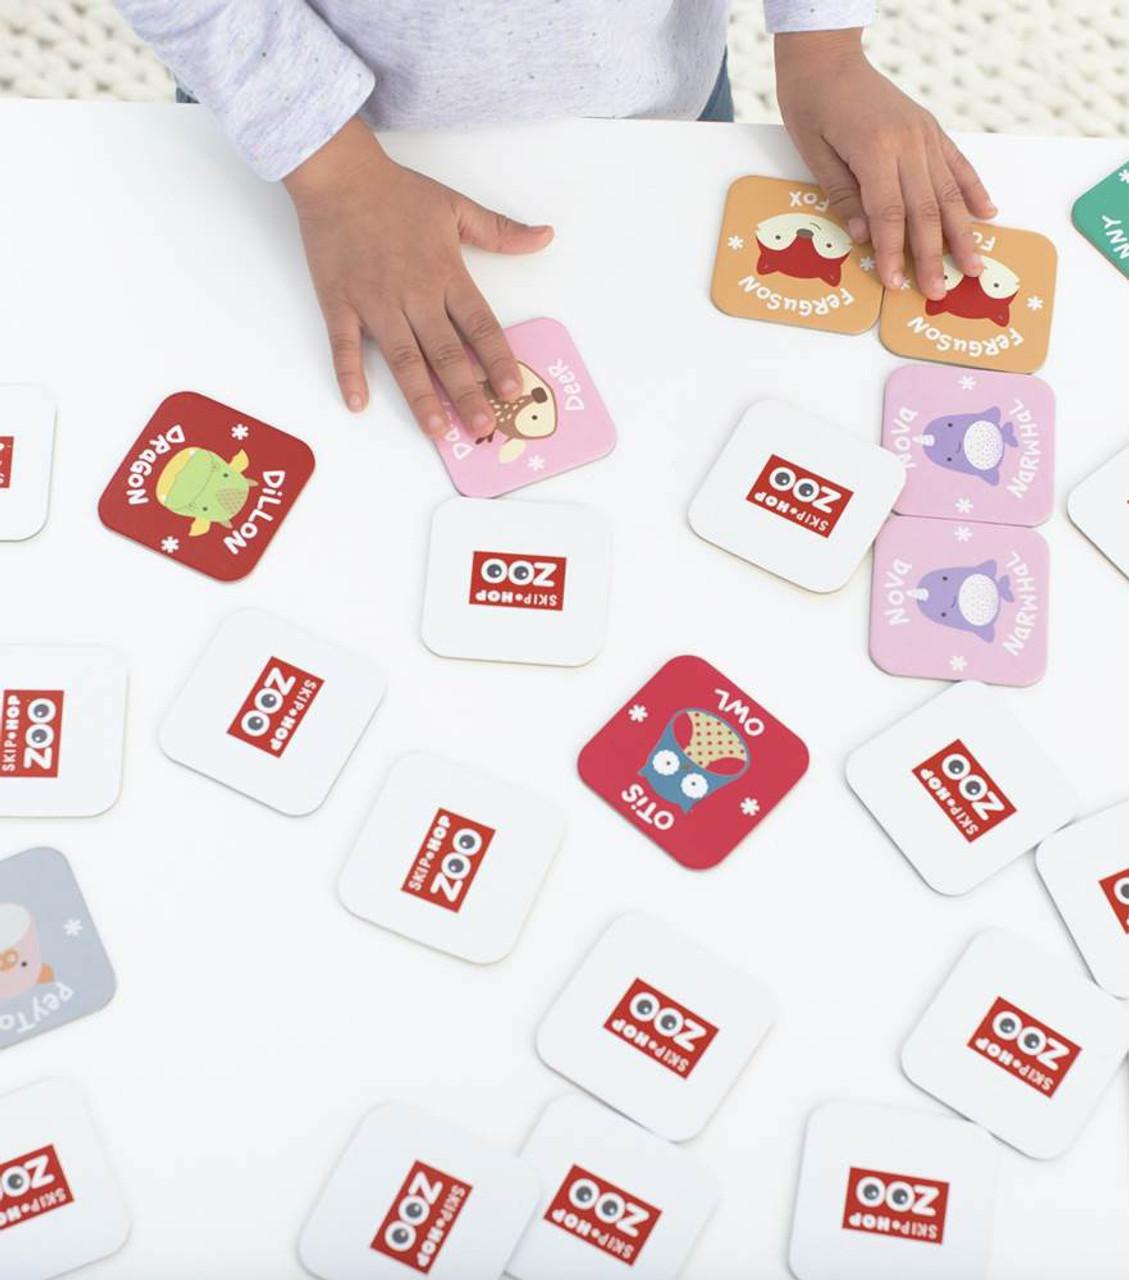 Skip Hop Zoo Crew Matching Memory Card Game at Baby Barn Discounts Skip Hop Zoo matching memory card encouraging memory, matching and turn-taking skills.